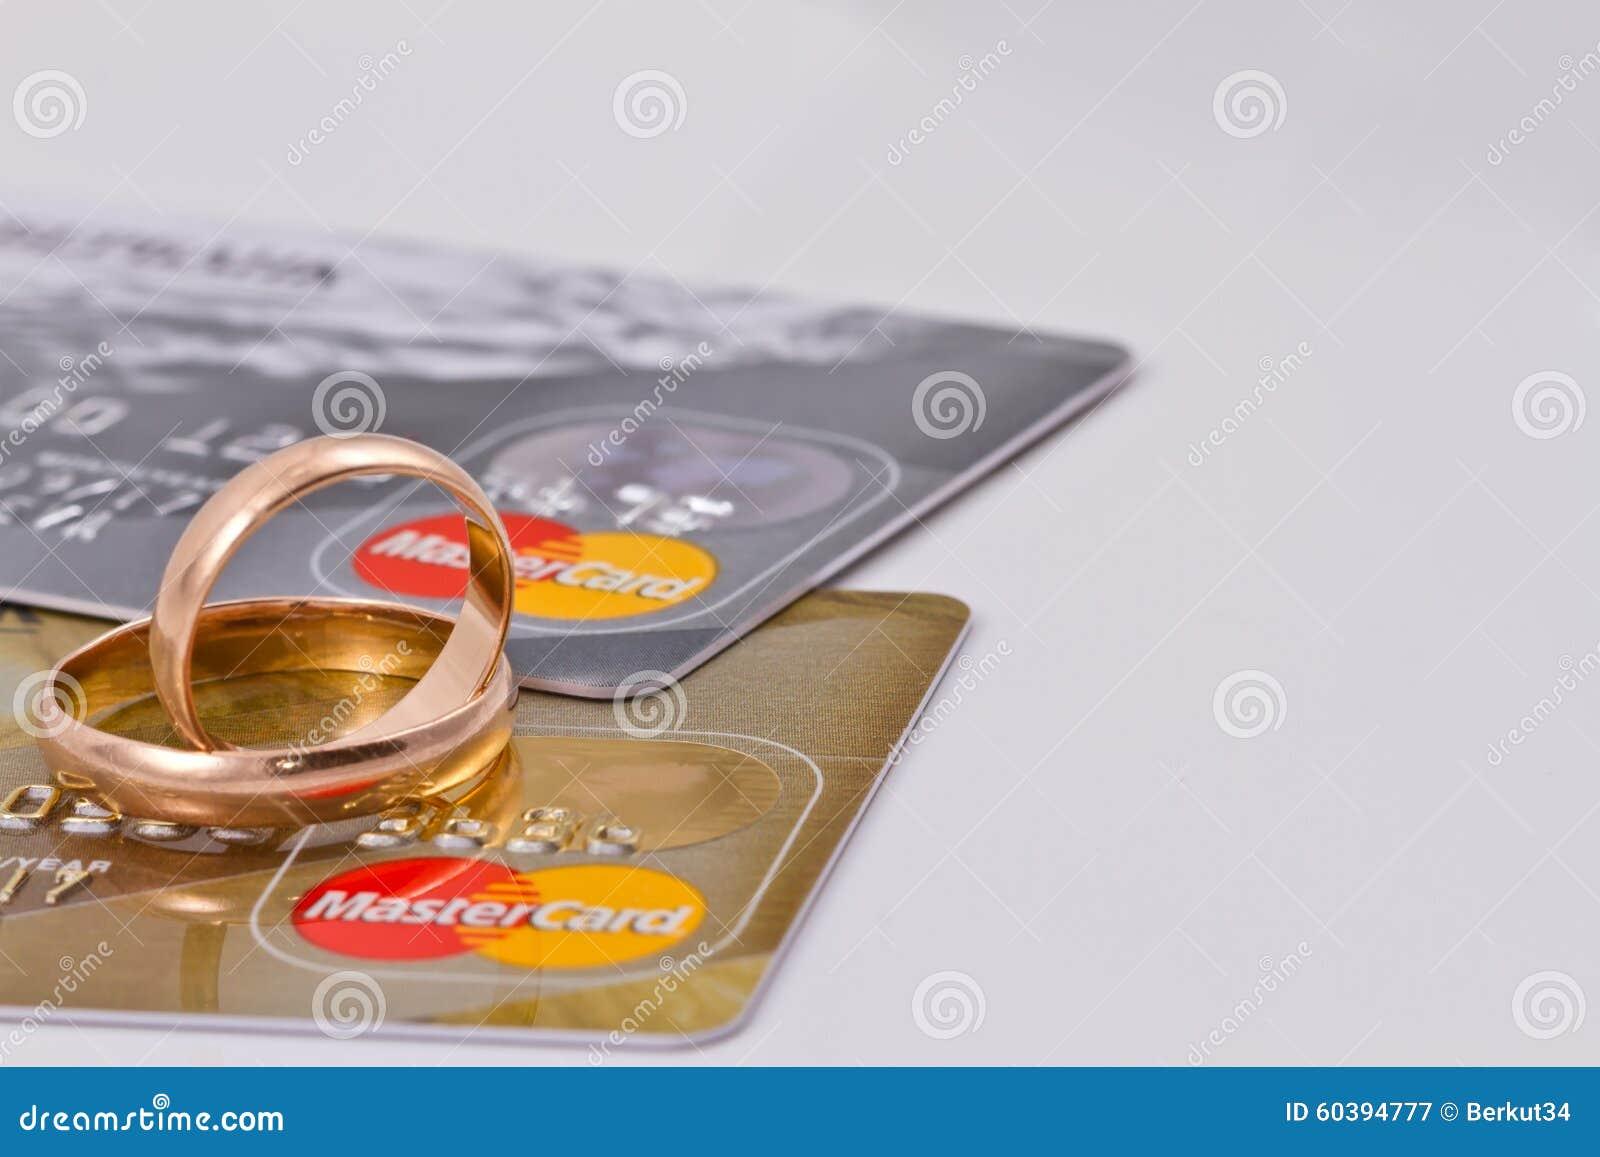 сгорают ли кредиты